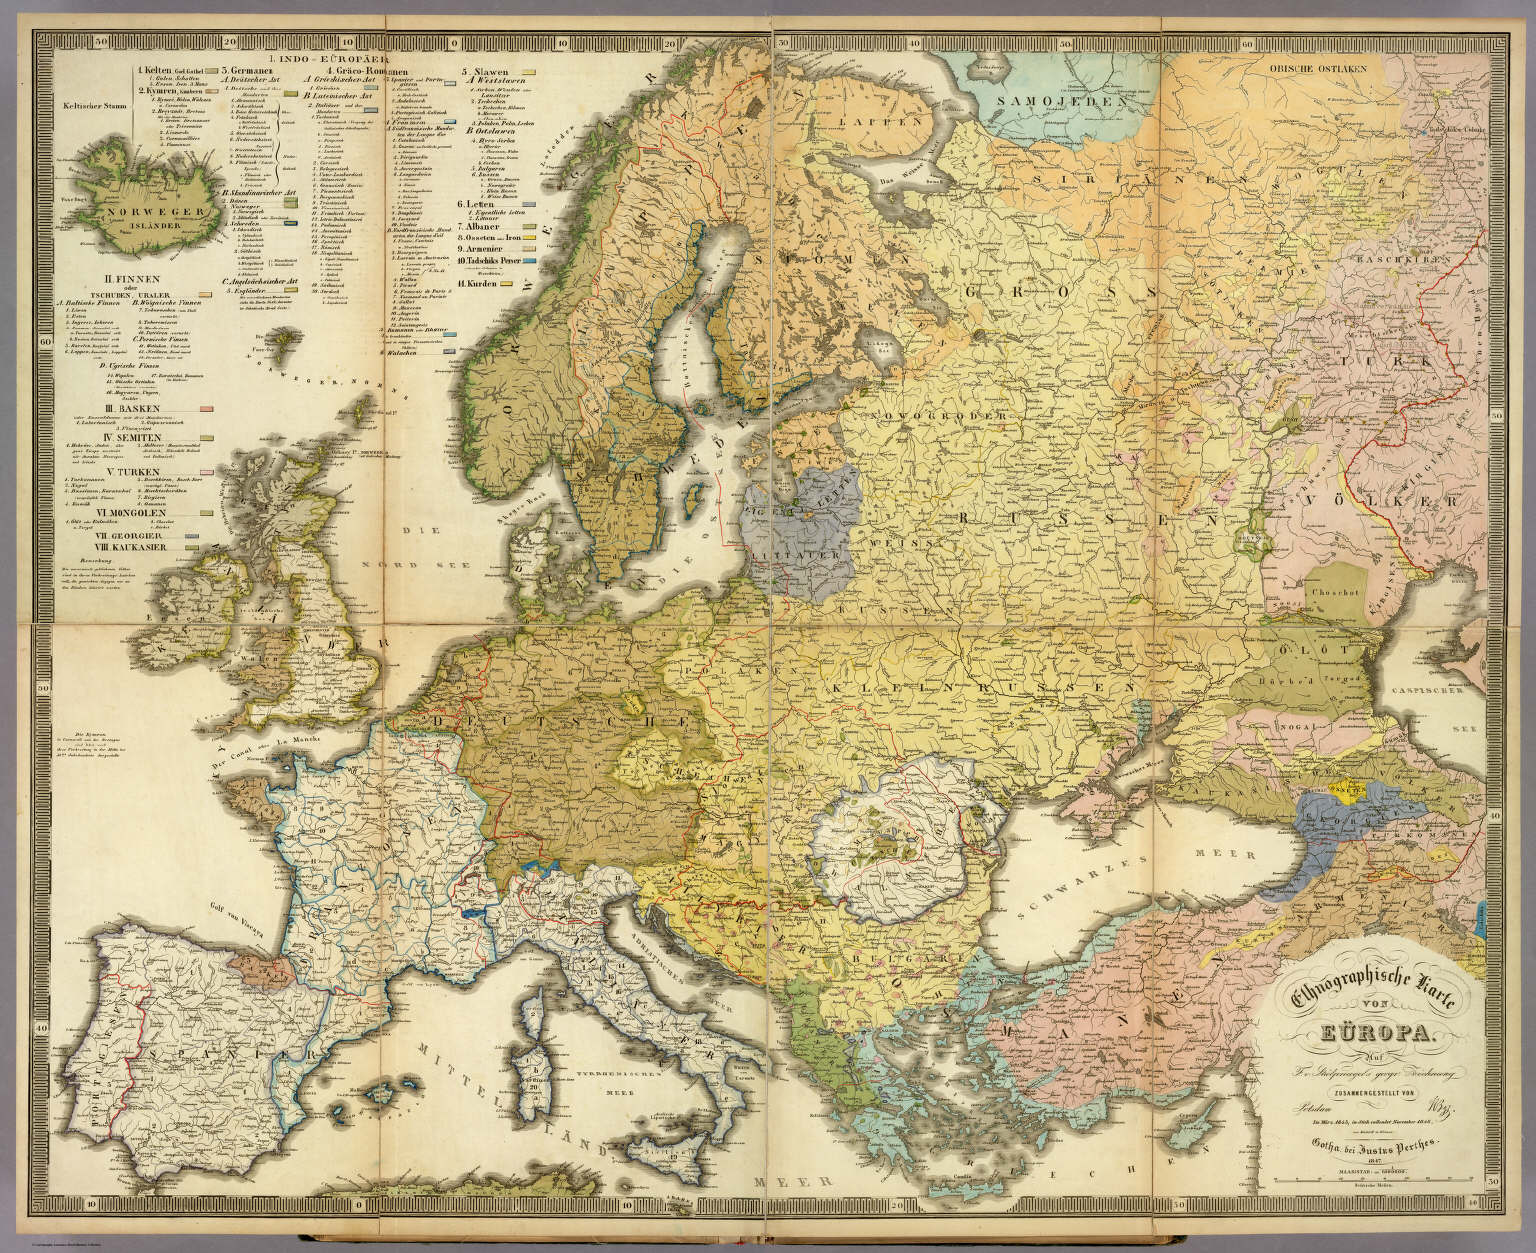 Ethnographische Karte von Europa.